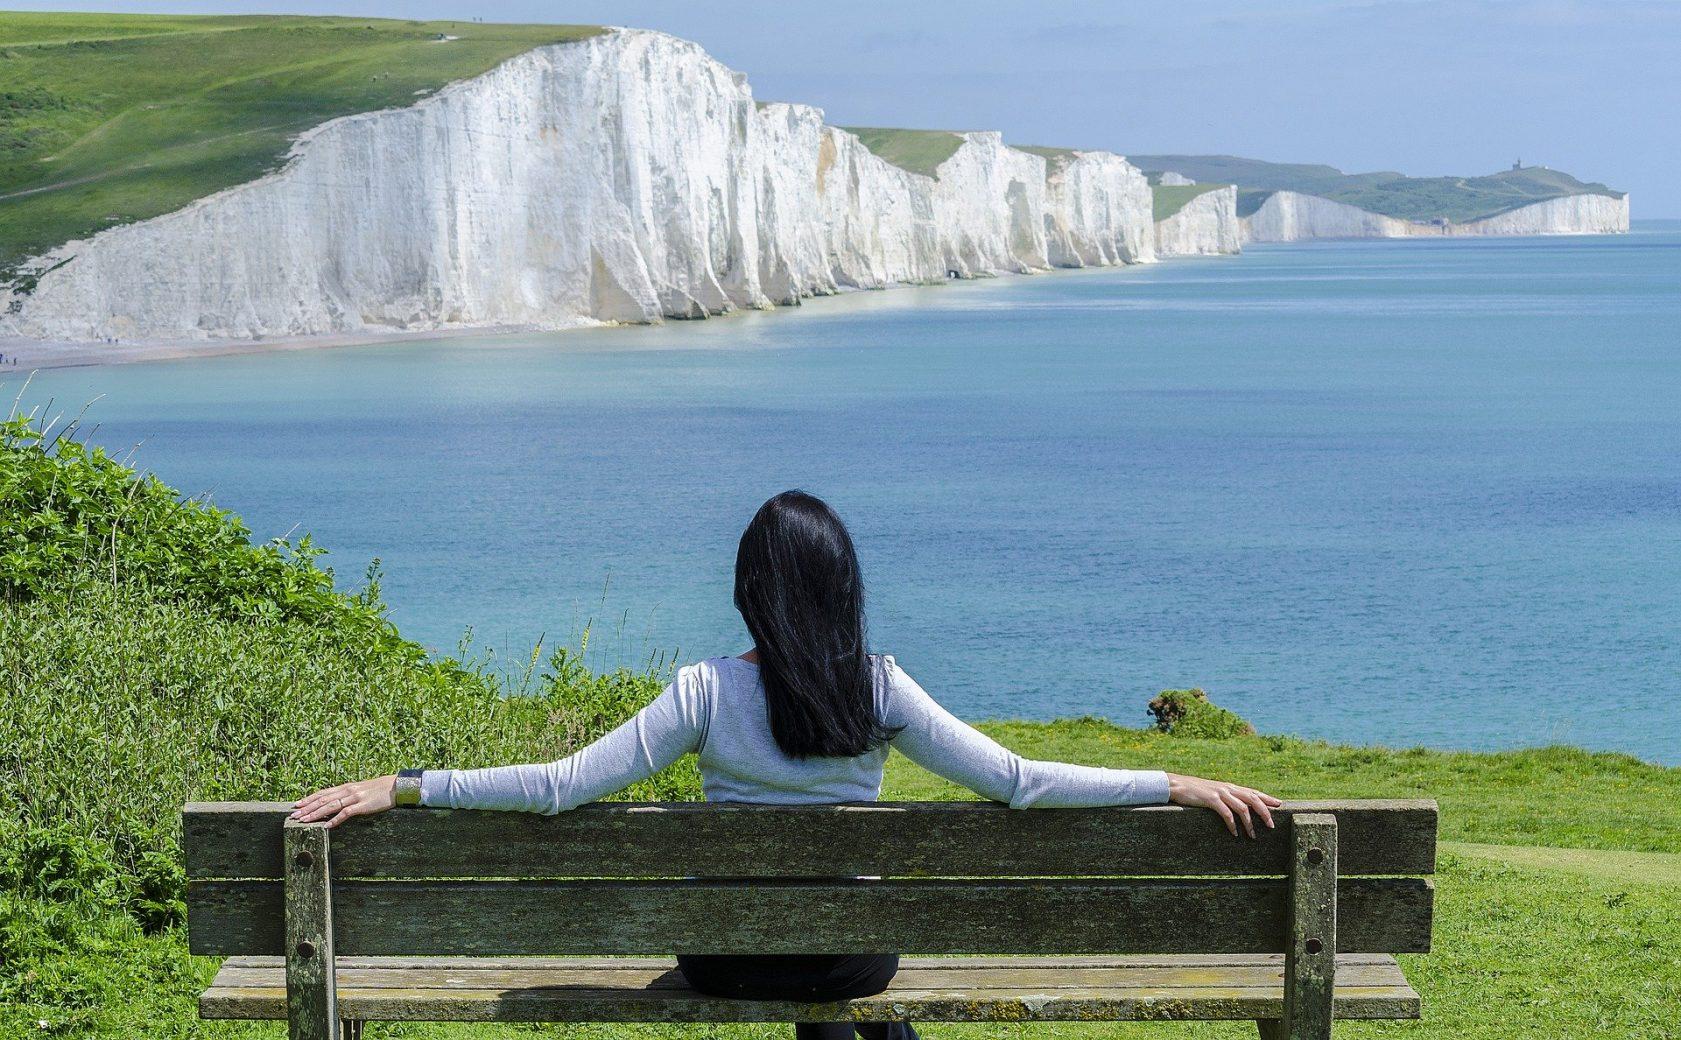 la bnne vie - Succès : 9 choses à penser sérieusement avant d'abandonner